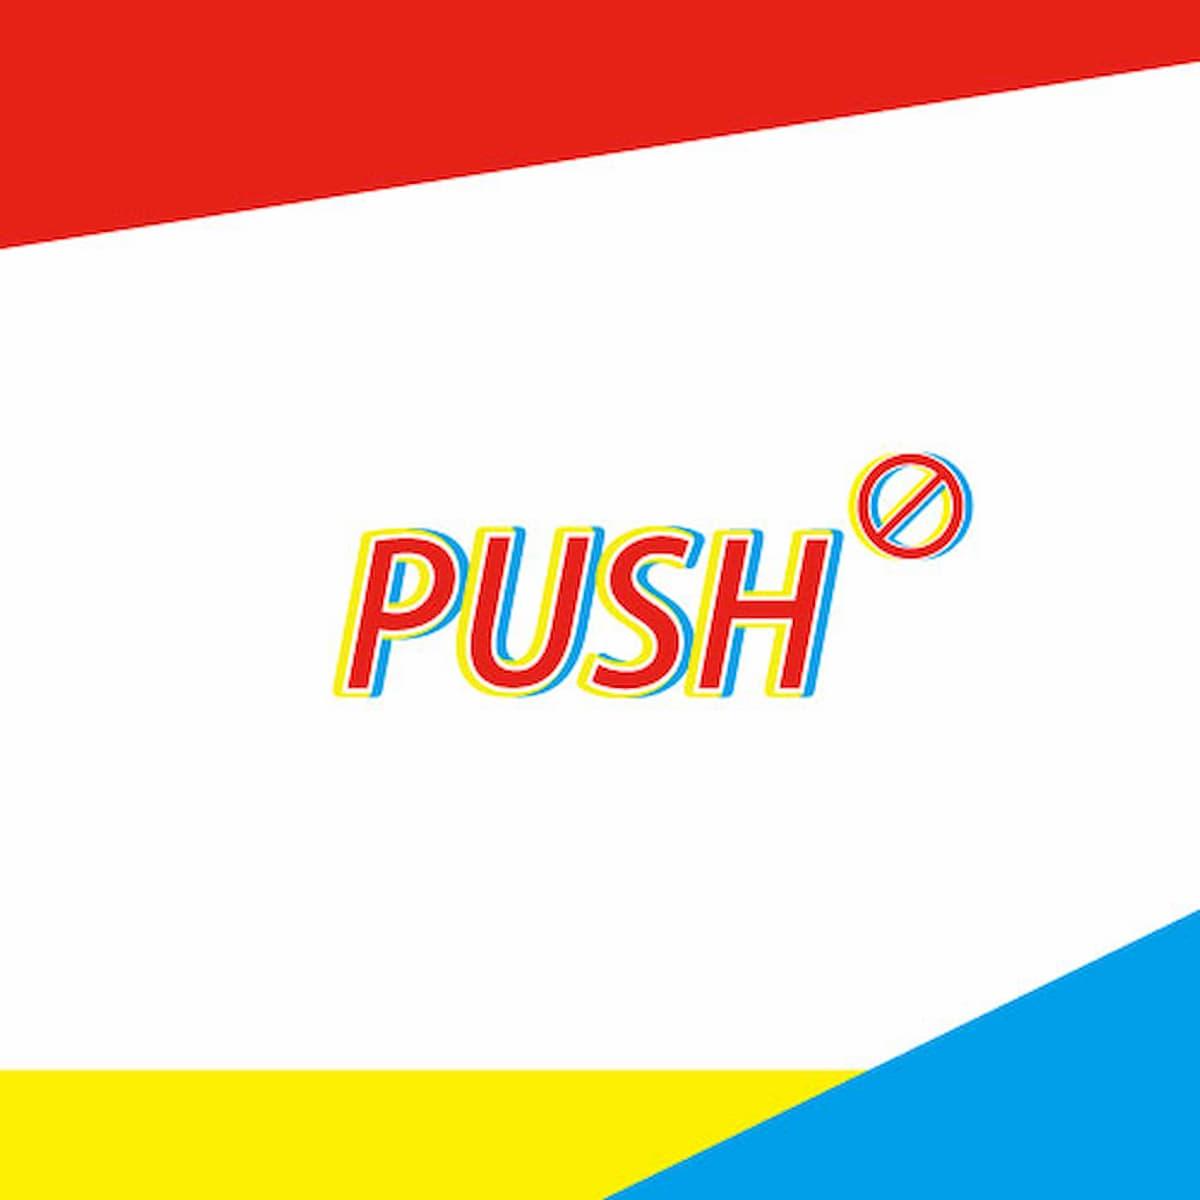 PUSHzero エナジーカプセル for ダイエット